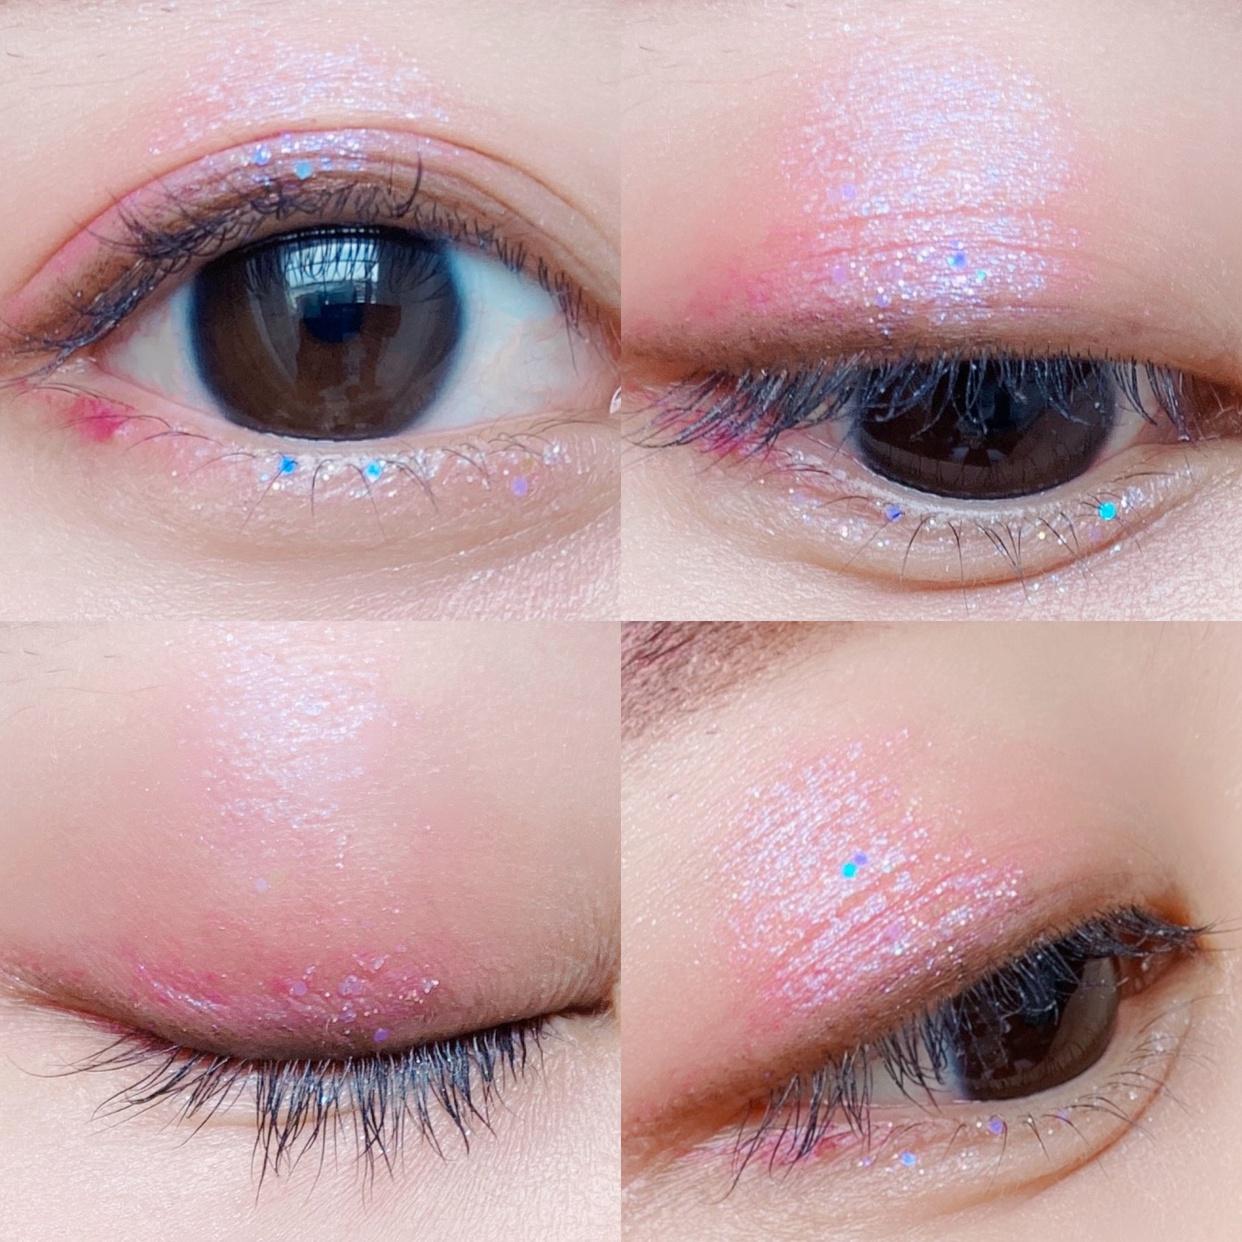 UNLEASHIA(アンリシア) ゲットルーズ グリッタージェルを使ったyunaさんのクチコミ画像2